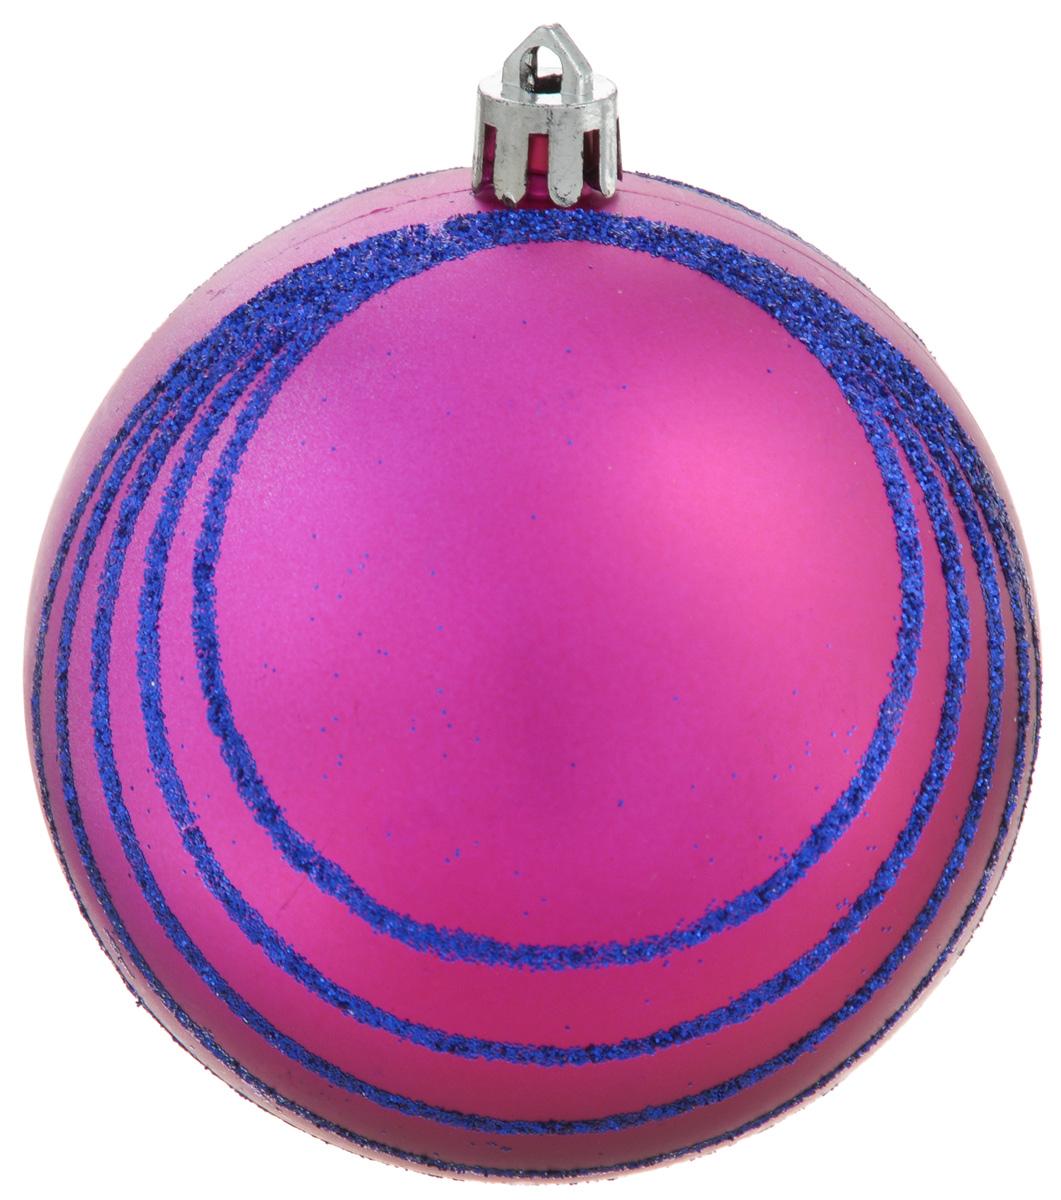 Украшение новогоднее подвесное Winter Wings Шар. Полоски, диаметр 8 смN181834Украшение новогоднее подвесное Winter Wings Шар. Полоски прекрасно подойдет для праздничного декора новогодней ели. Изделие выполнено из пластика и декорировано полосками из блесток. Для удобного размещения на елке предусмотрено отверстие для текстильной веревочки.Елочная игрушка - символ Нового года. Она несет в себе волшебство и красоту праздника. Создайте в своем доме атмосферу веселья и радости, украшая новогоднюю елку нарядными игрушками, которые будут из года в год накапливать теплоту воспоминаний.